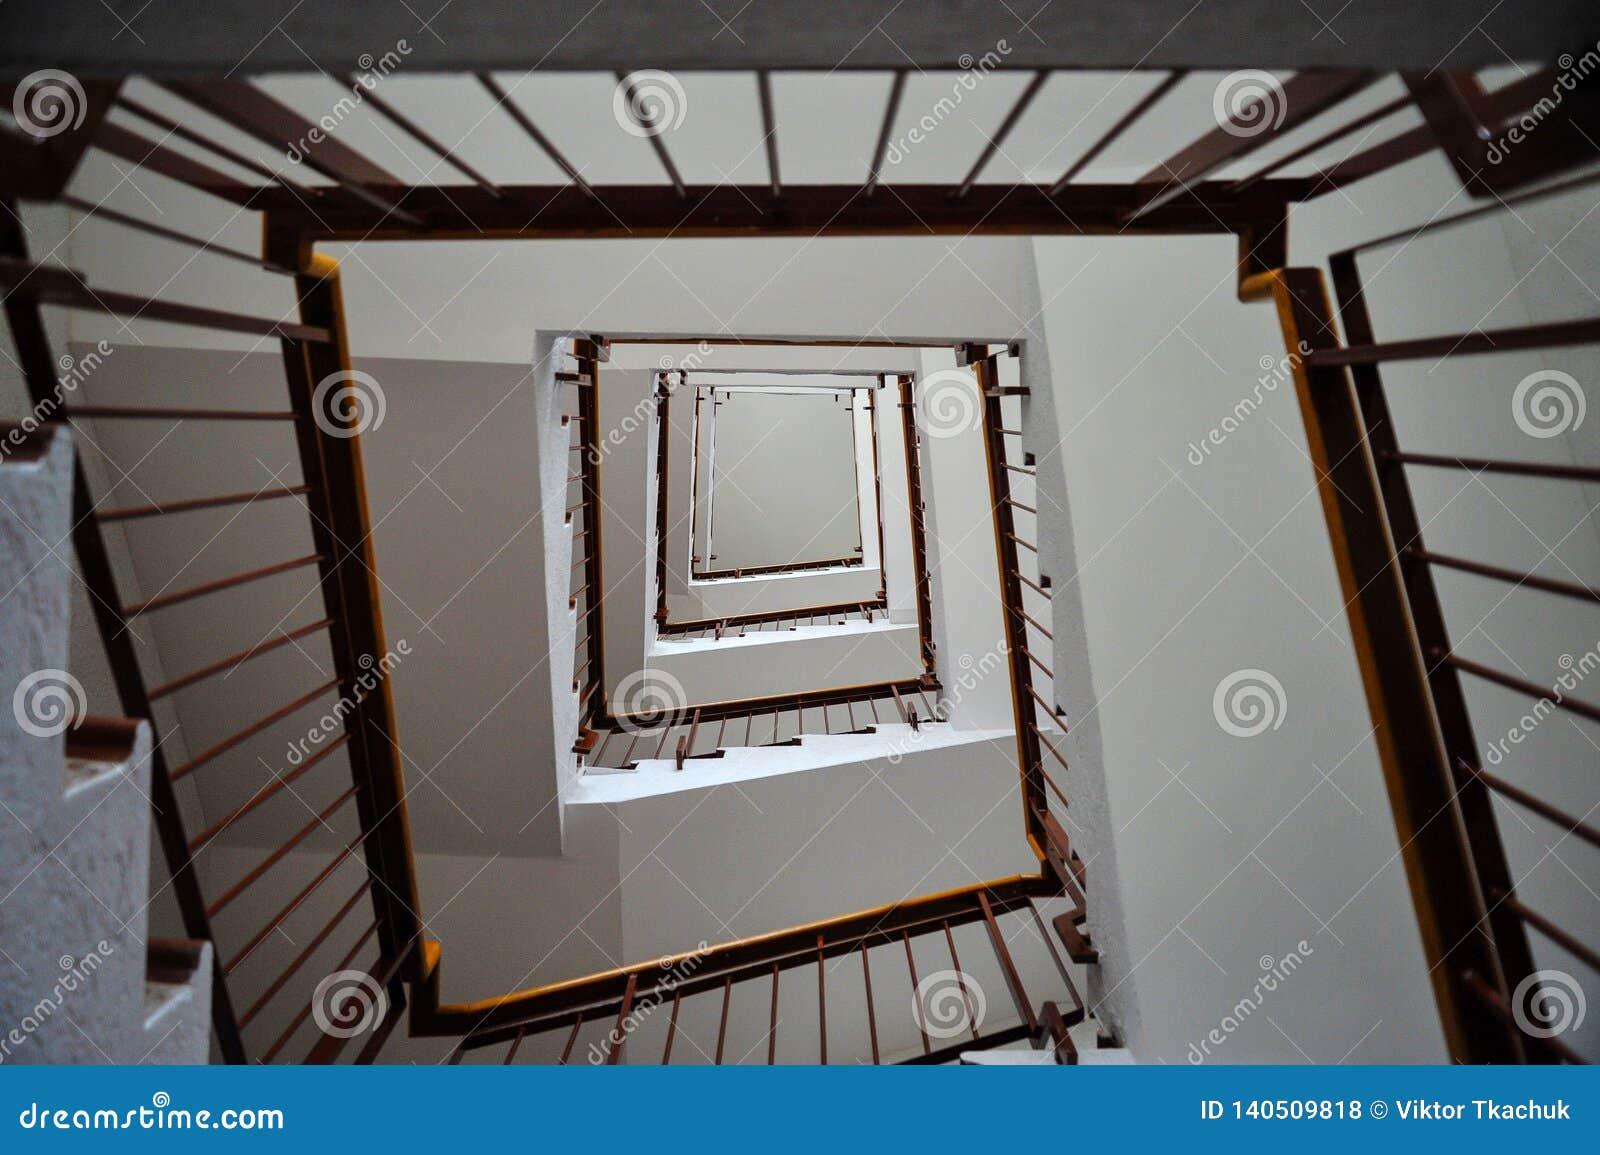 Escadaria em um prédio com trilhos